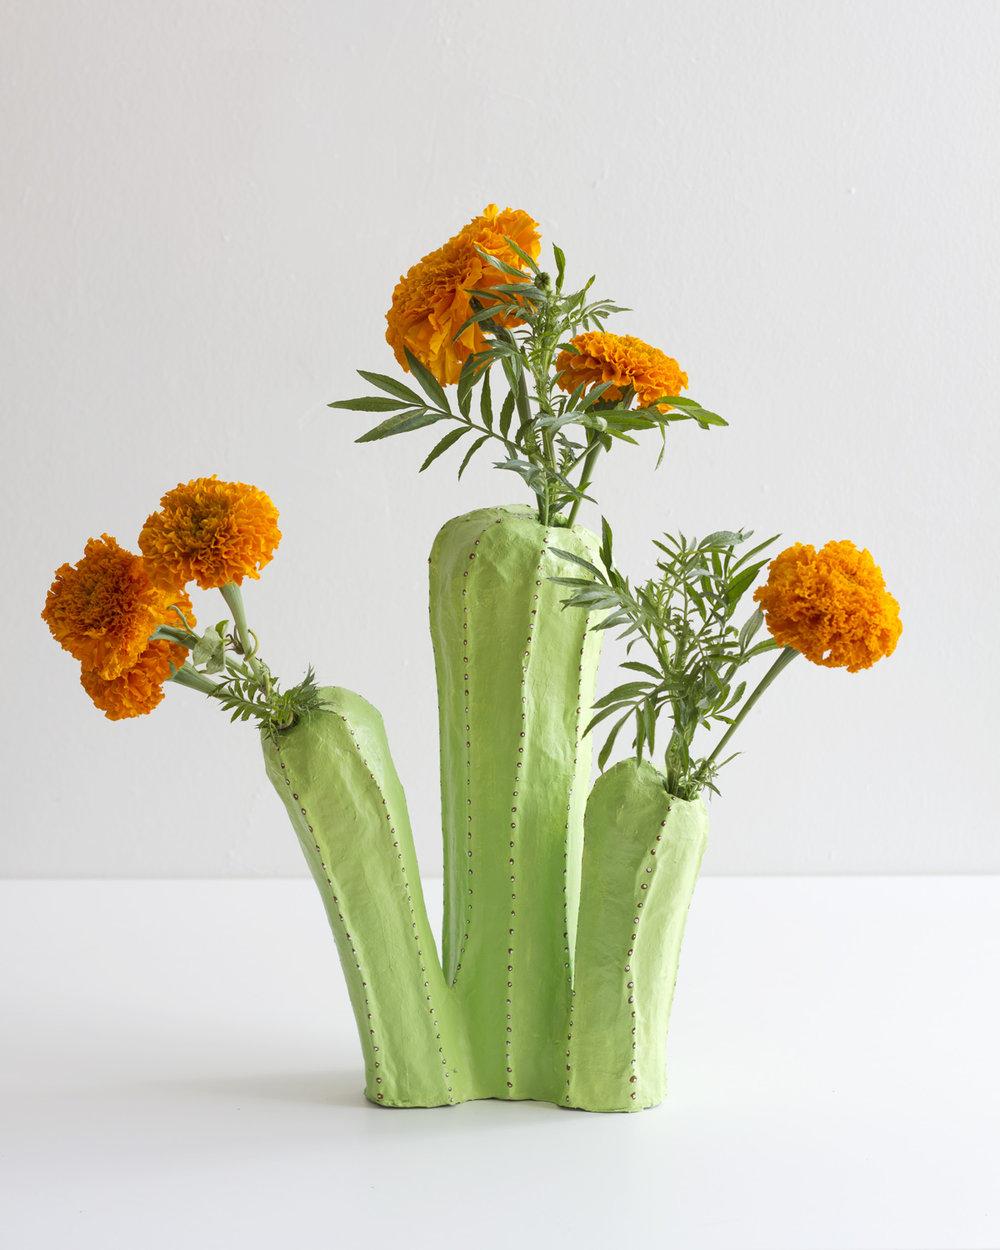 cactus_vase_paper_mache_2.jpg